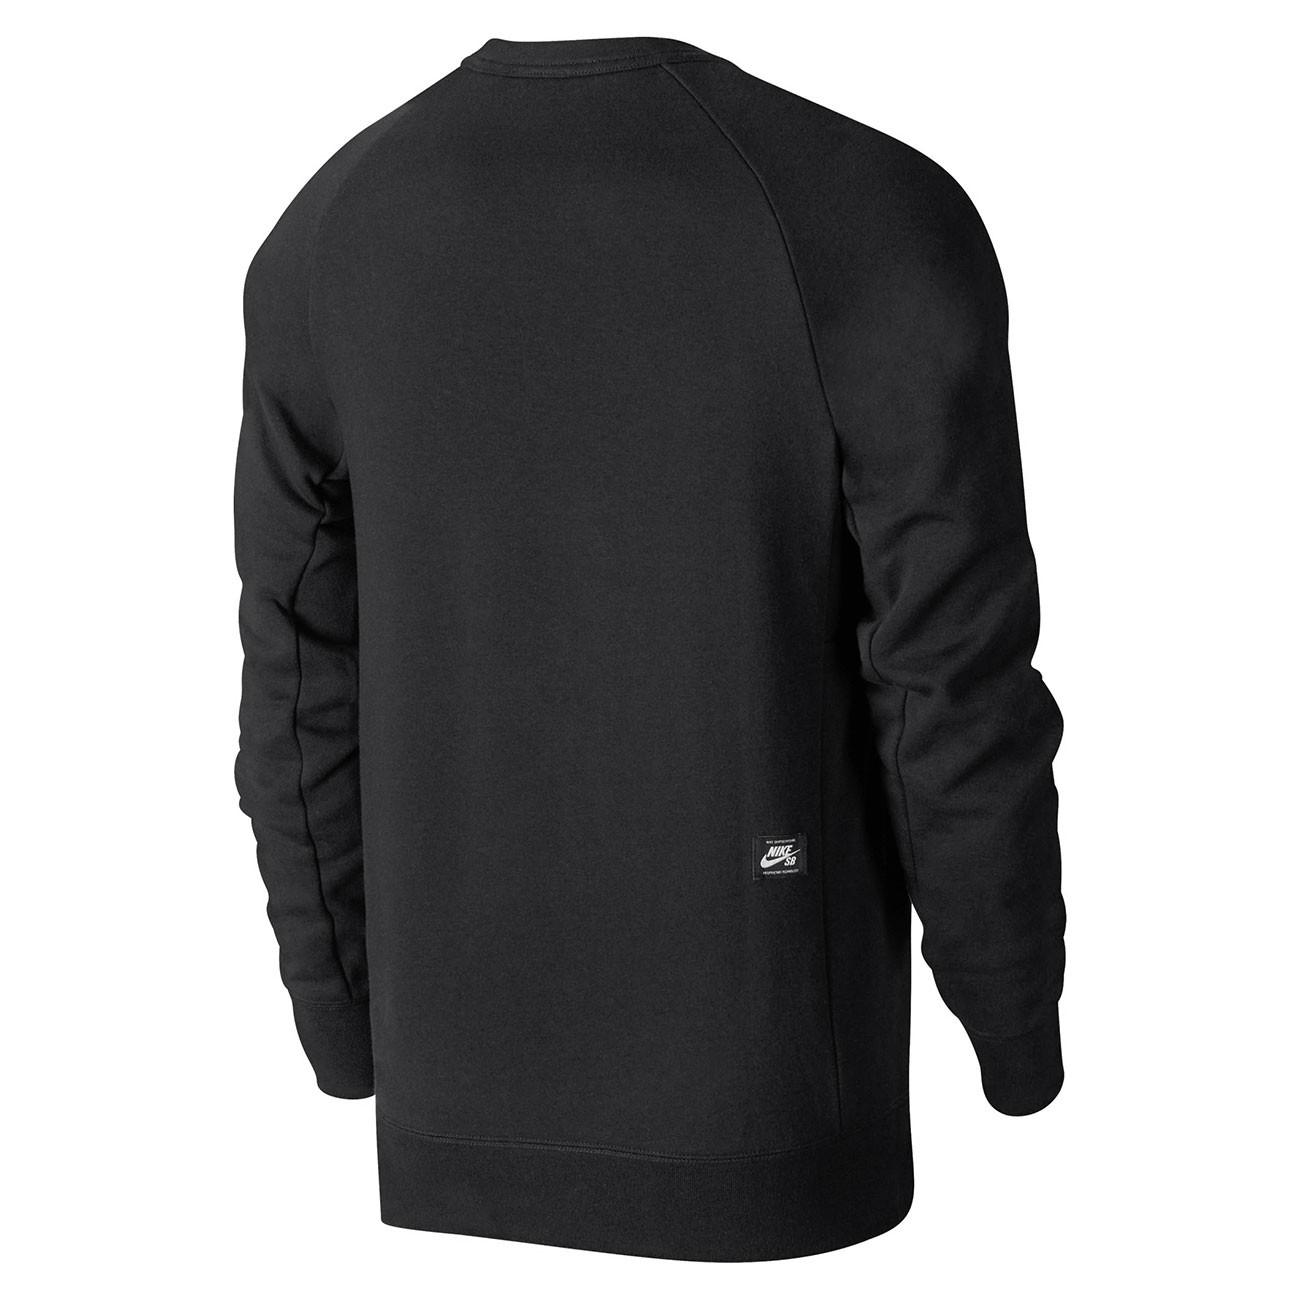 12ebfb1c4c4 Mikina Nike SB Icon Crew black white